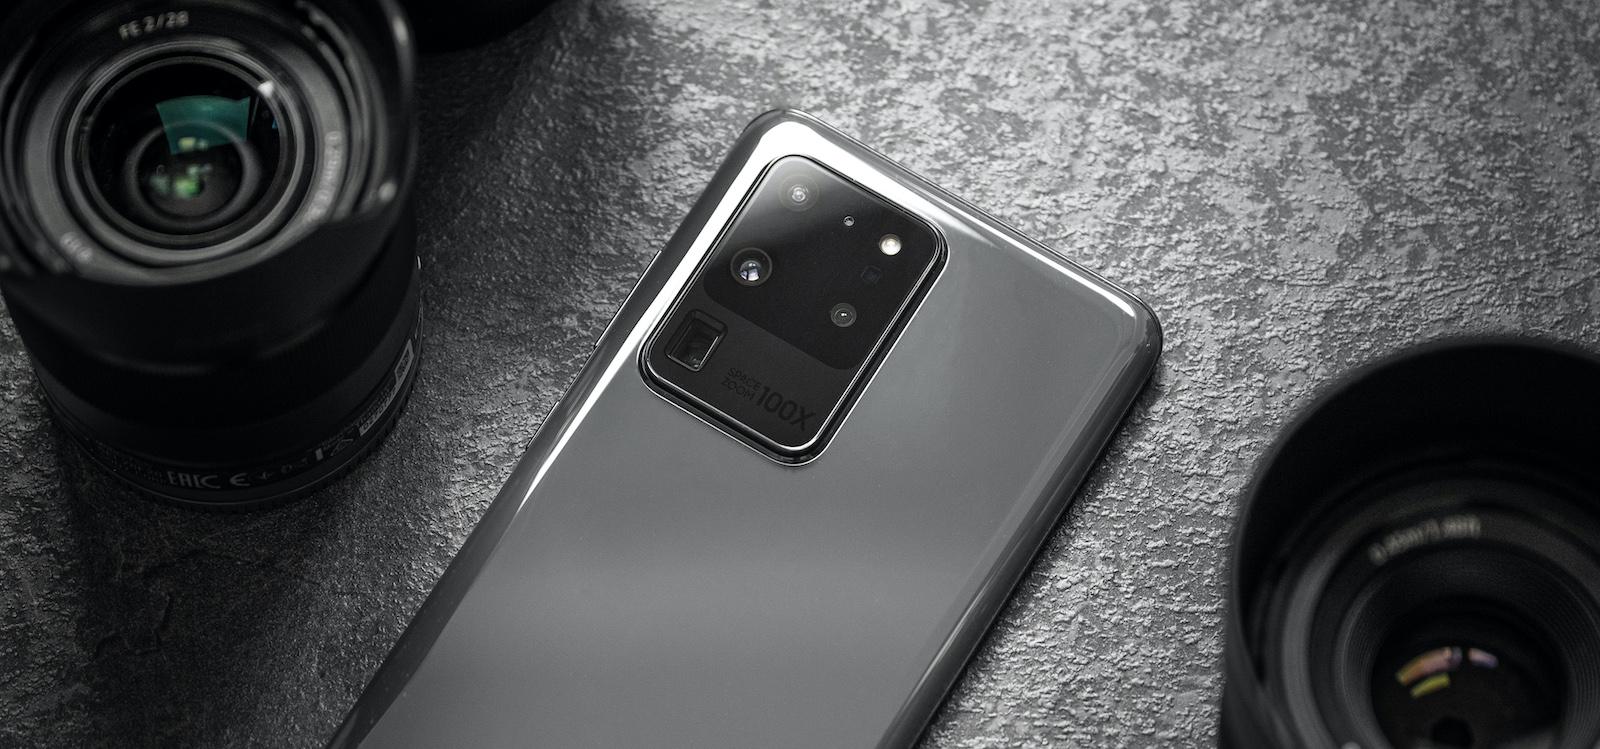 Samsung Galaxy S20 Ultra.  Hiru egun ondoren hiru abantaila eta hiru desabantaila